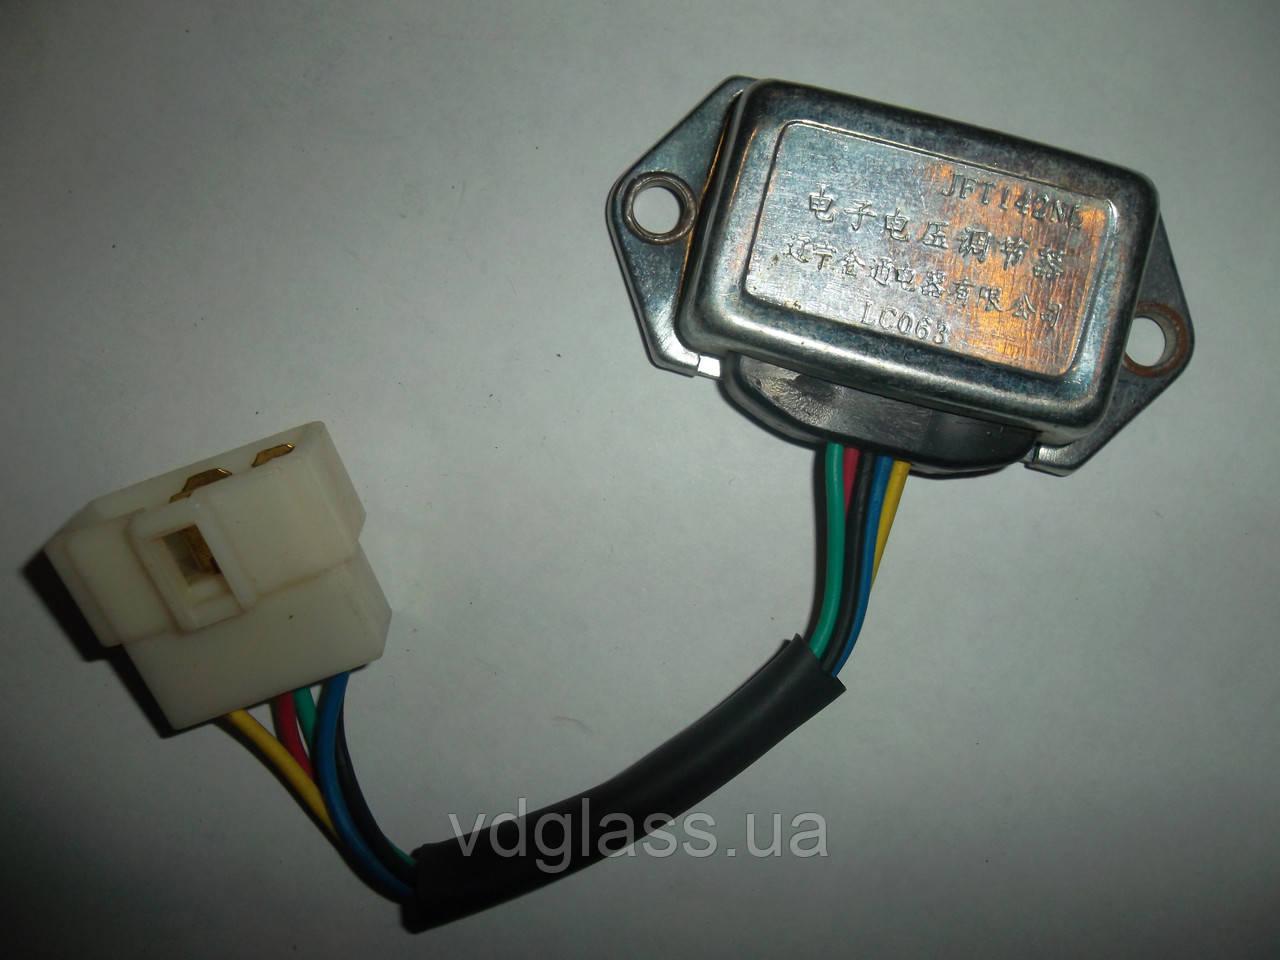 Реле регулятор напряжения 12V FAW 1031 V 2,67